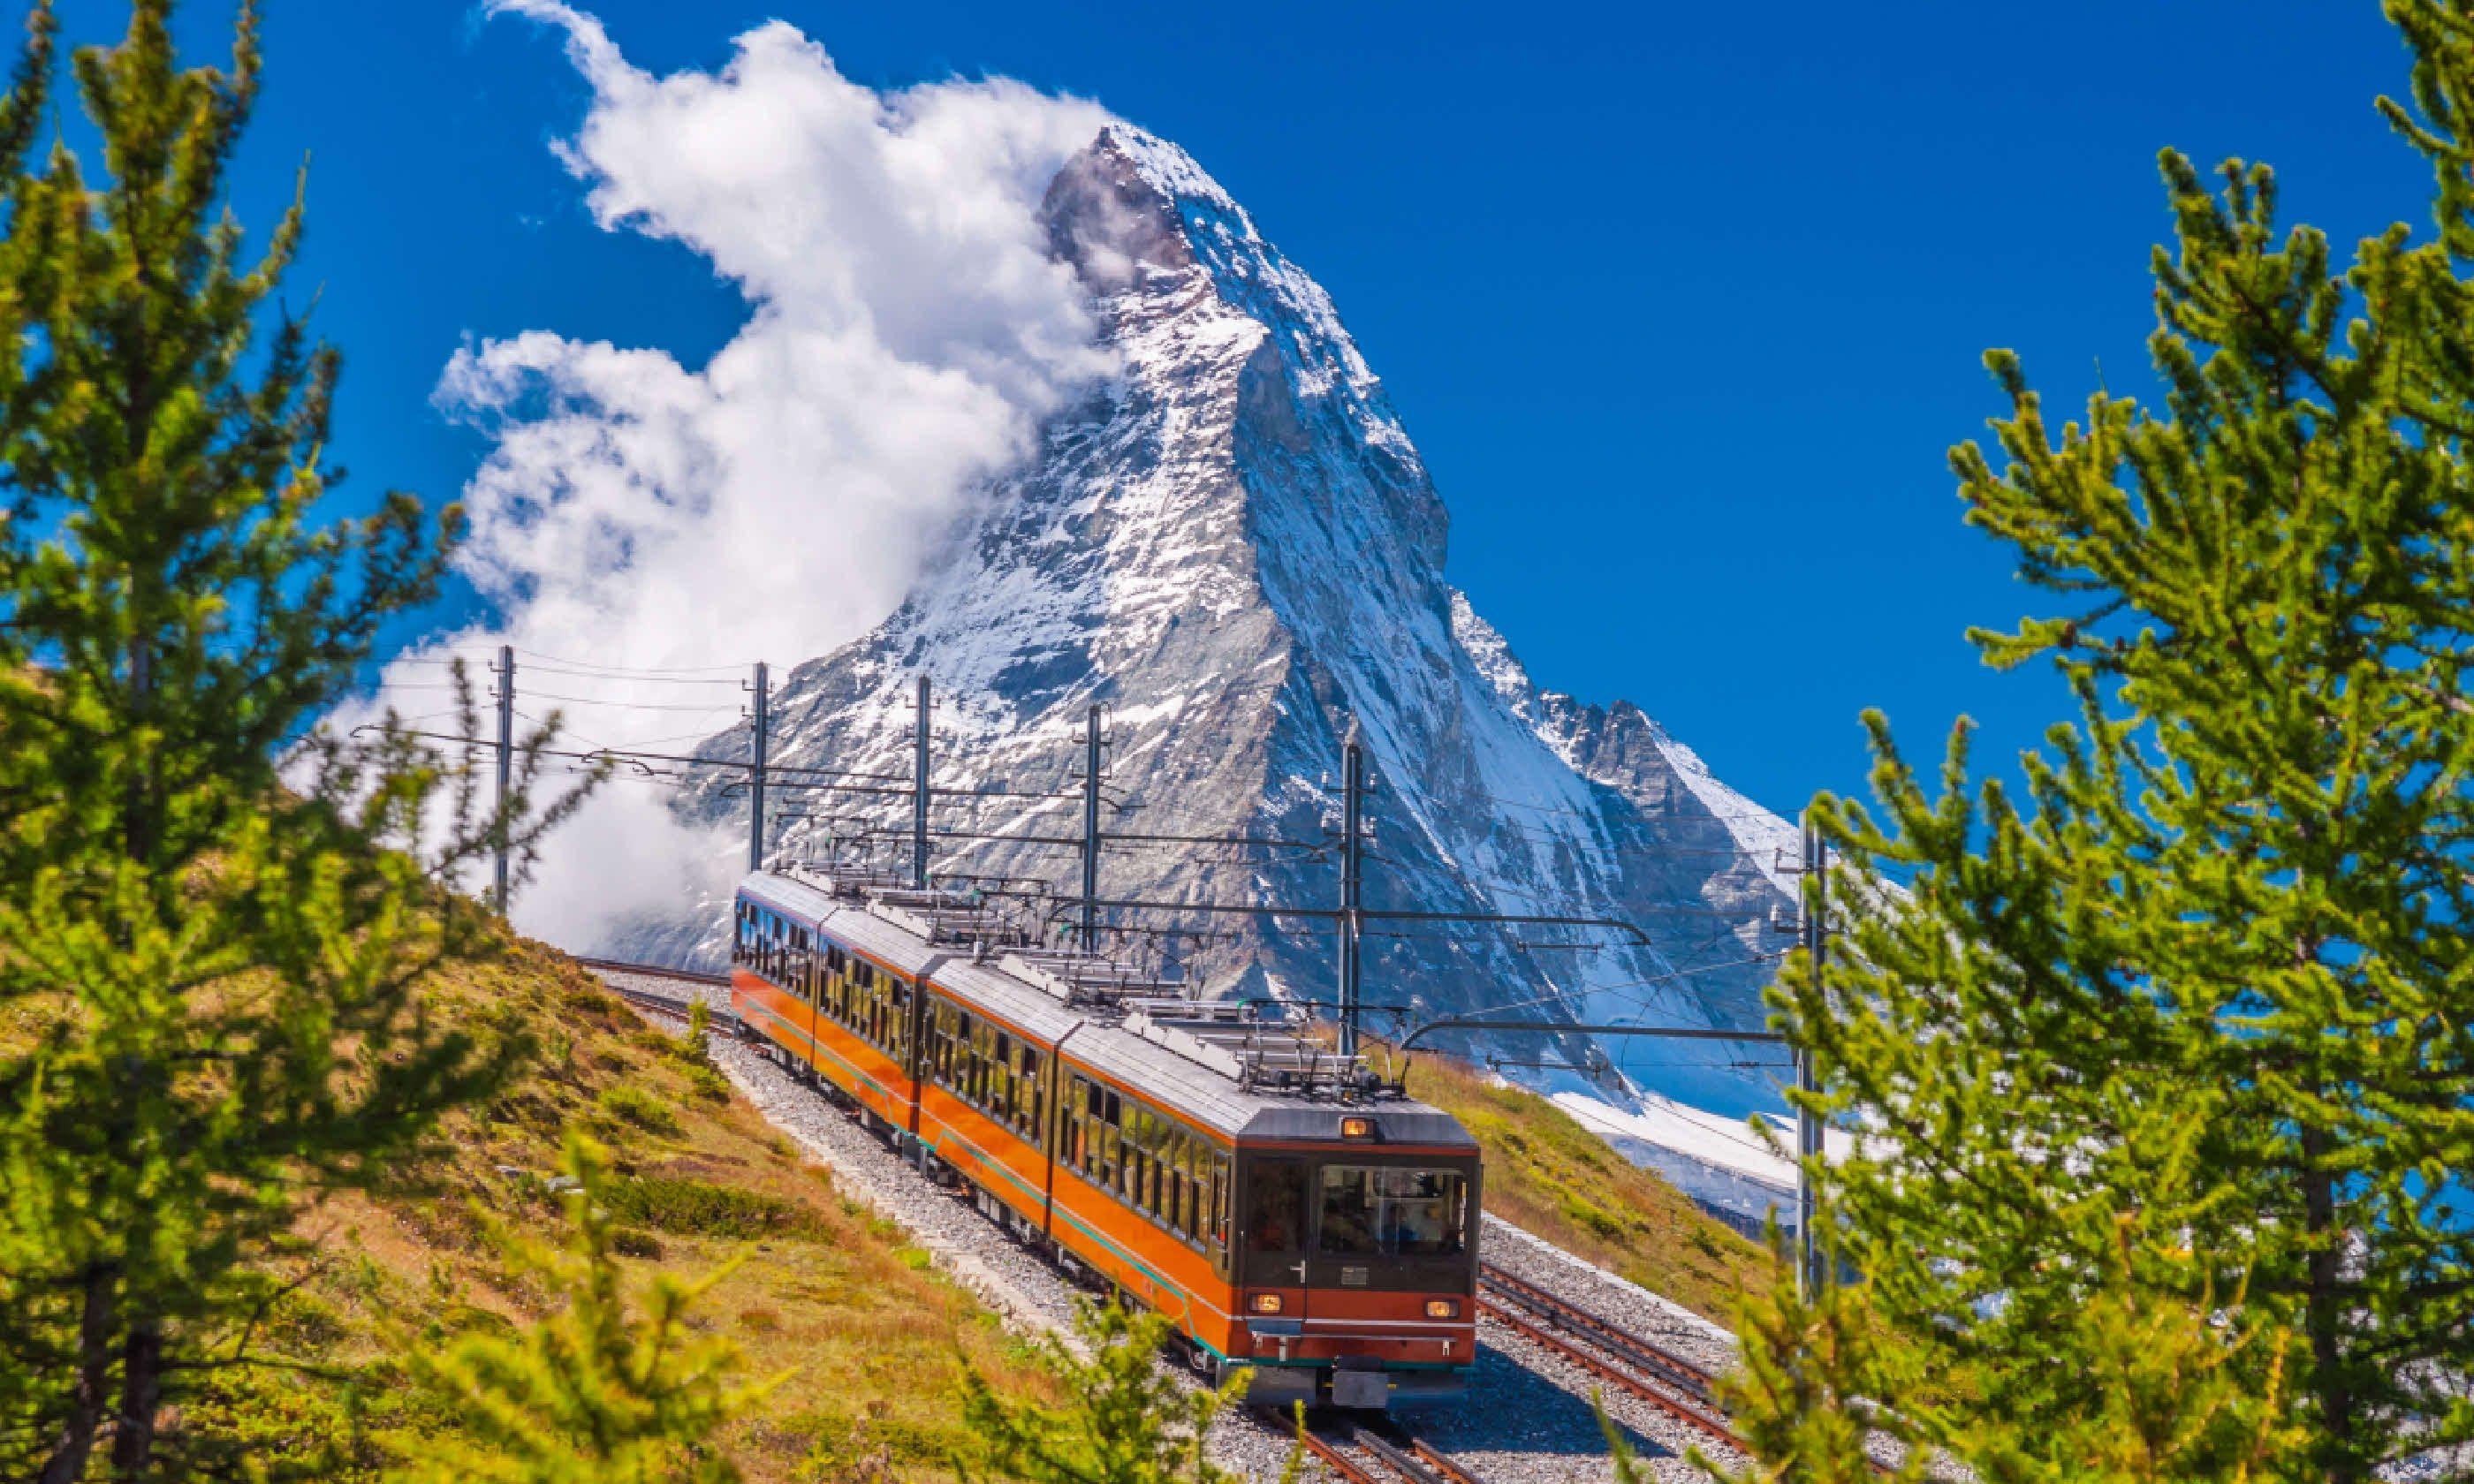 Mountain train in front of Matterhorn peak (Shutterstock)